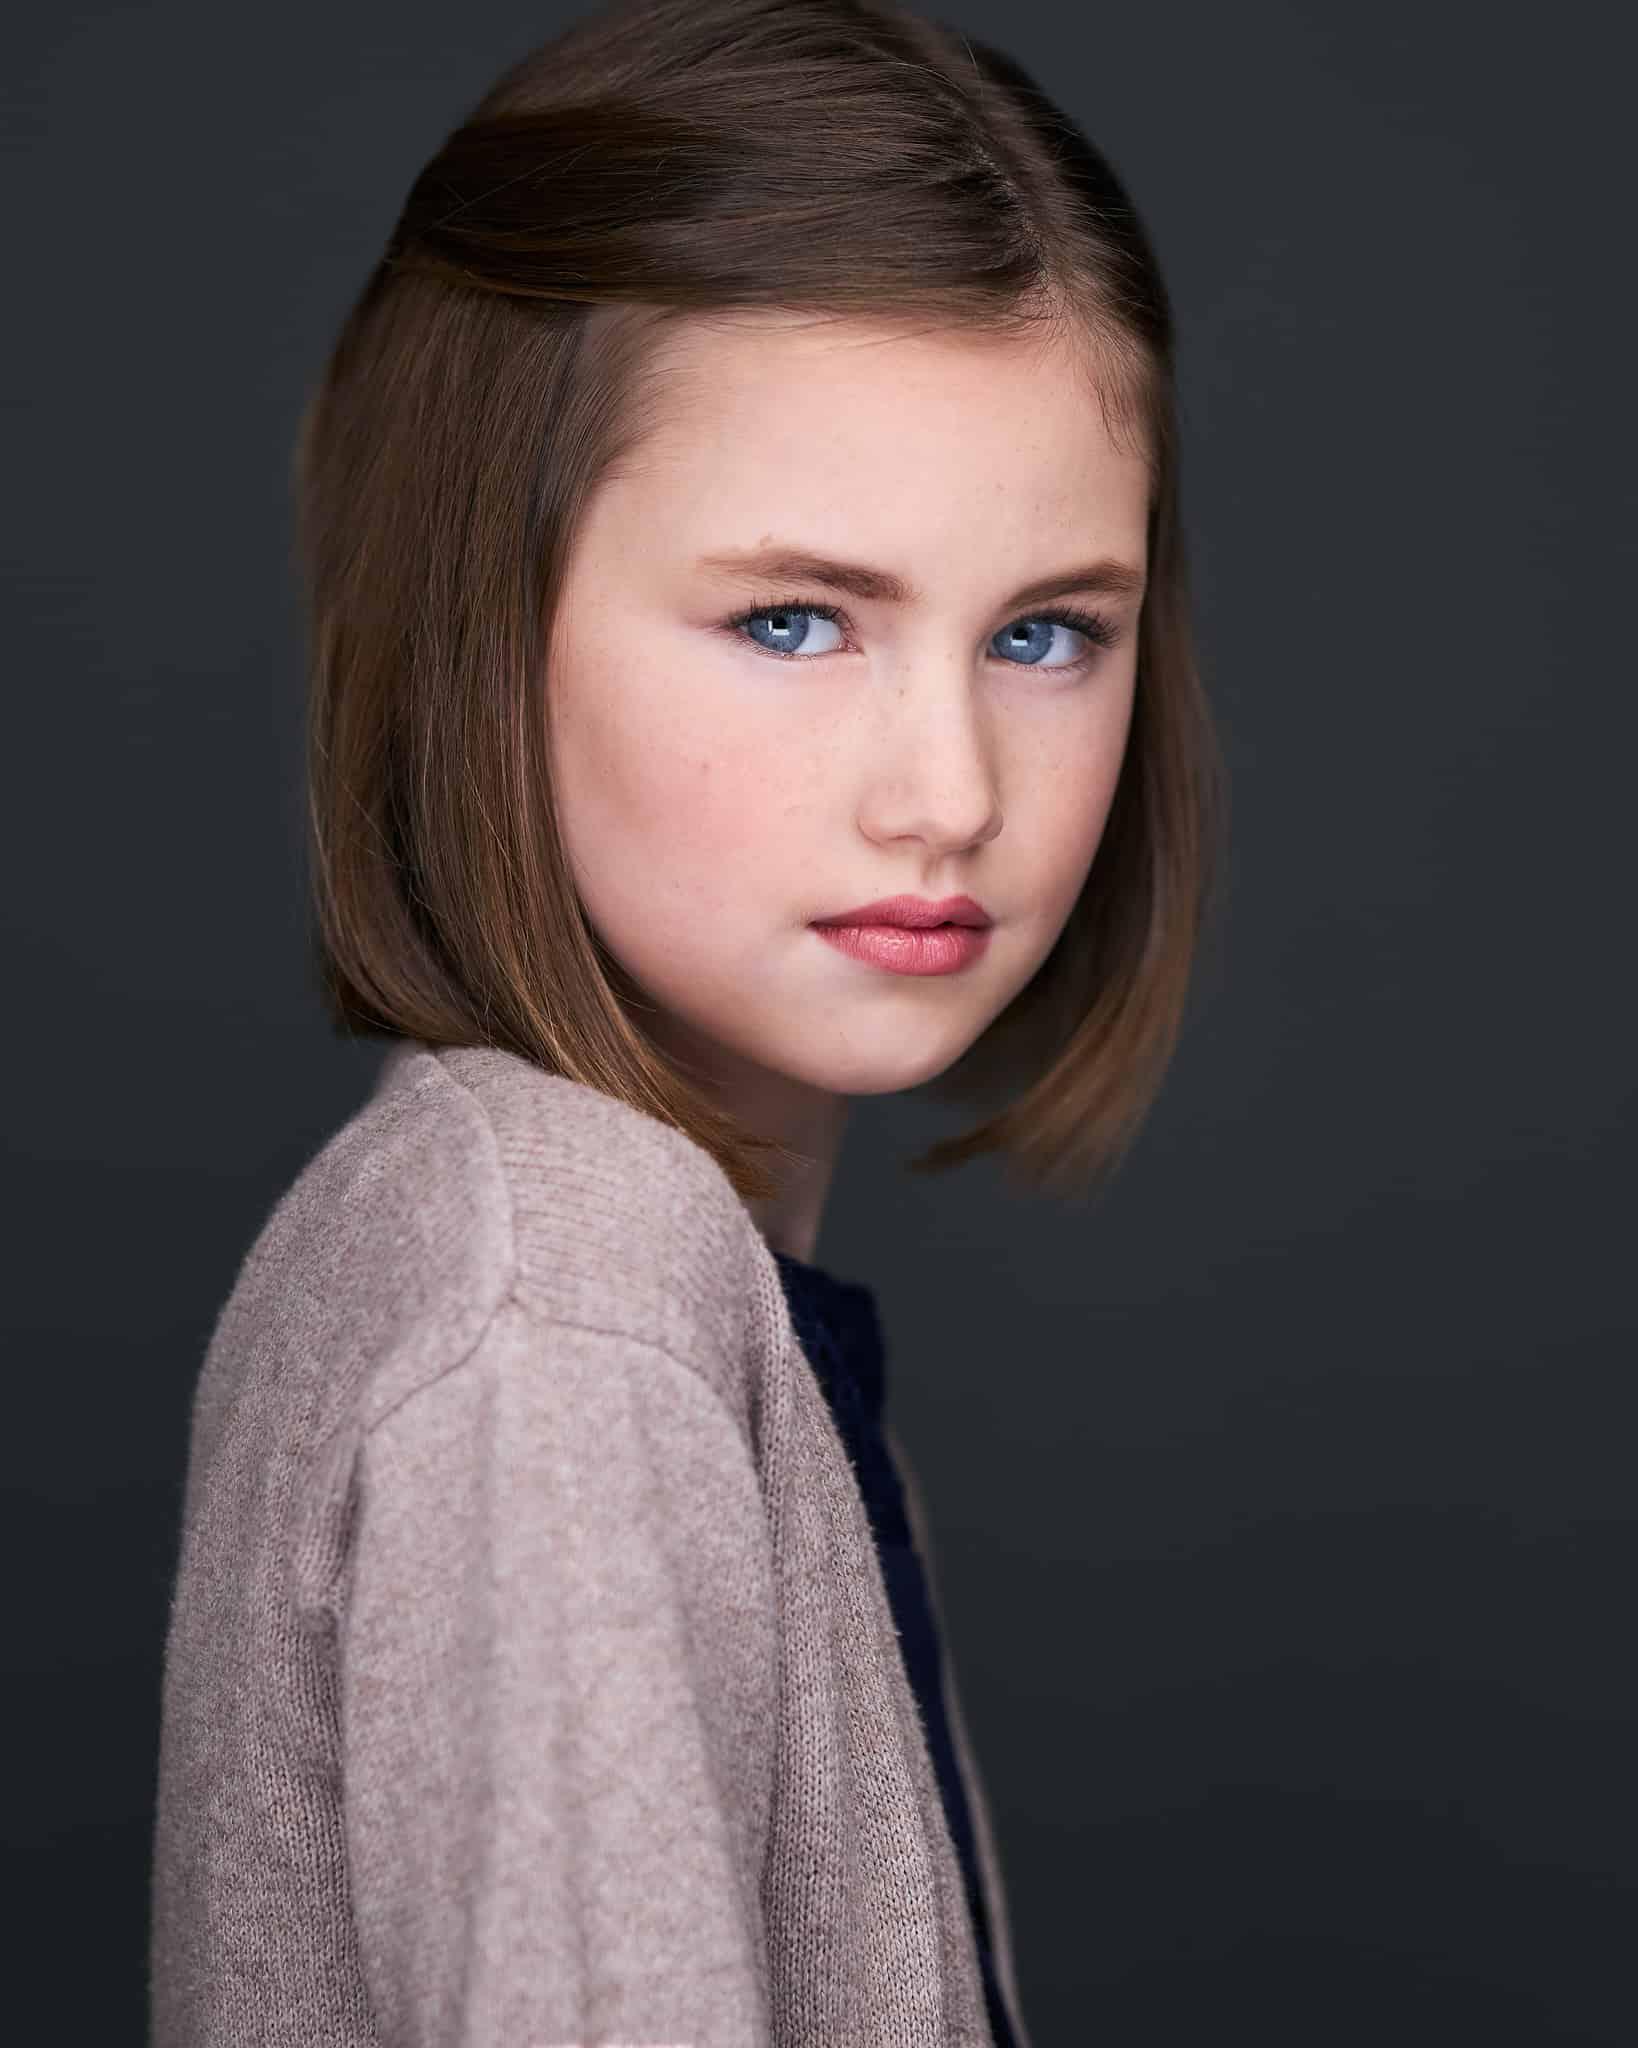 Headshot for Kid Model